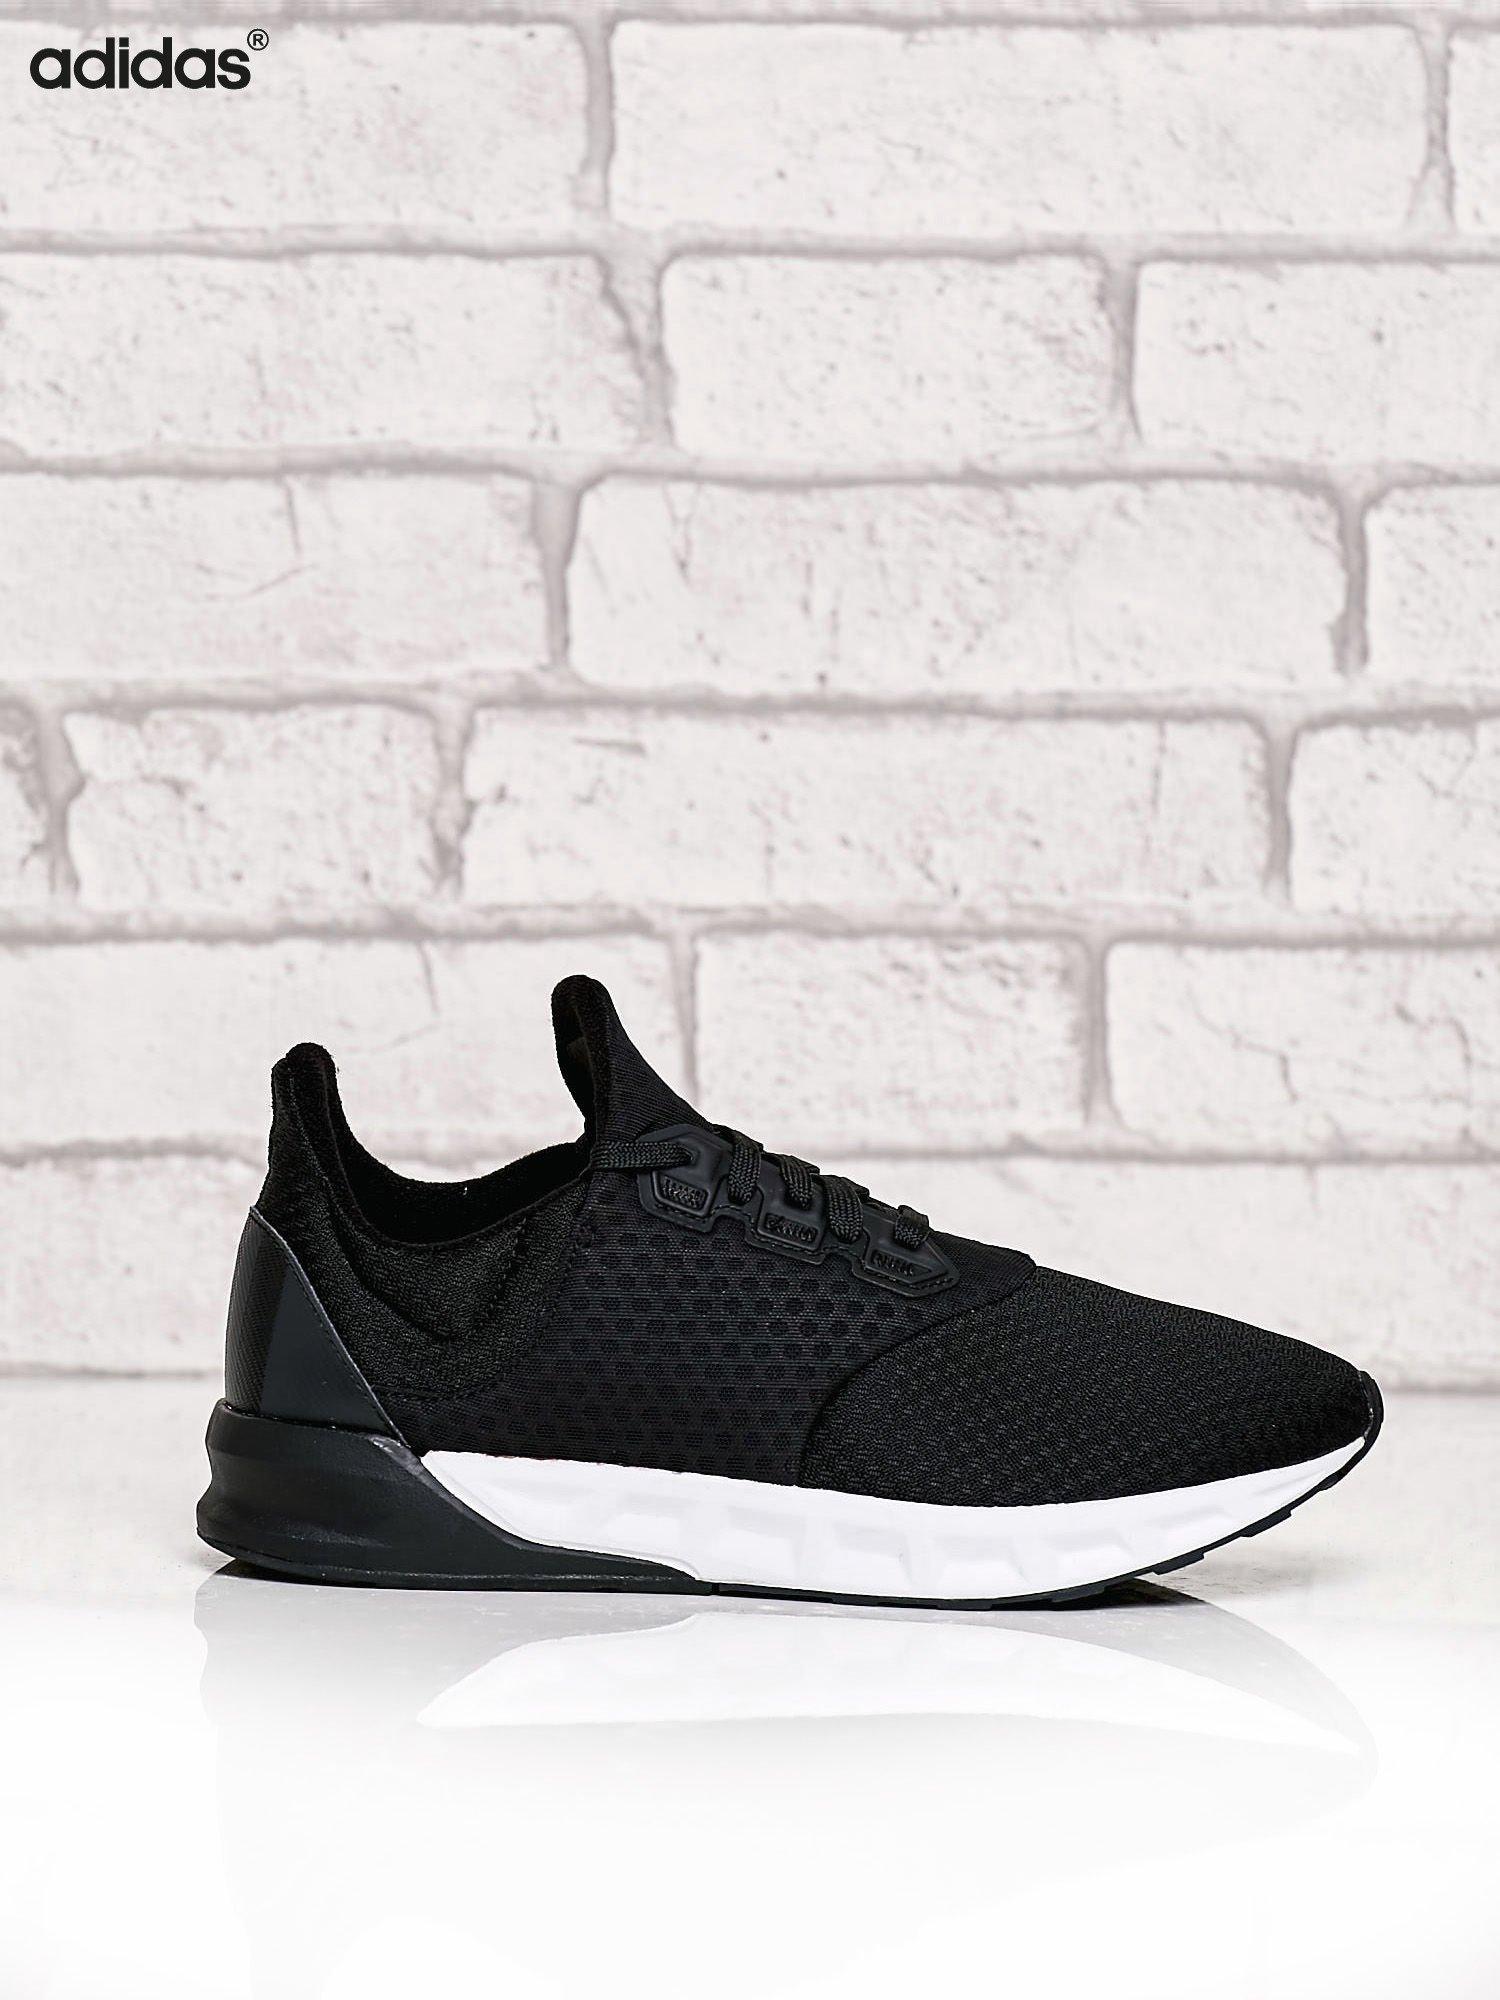 08ee11f17d321a ADIDAS czarne buty damskie Falcon Elite 5 sportowe do biegania ...